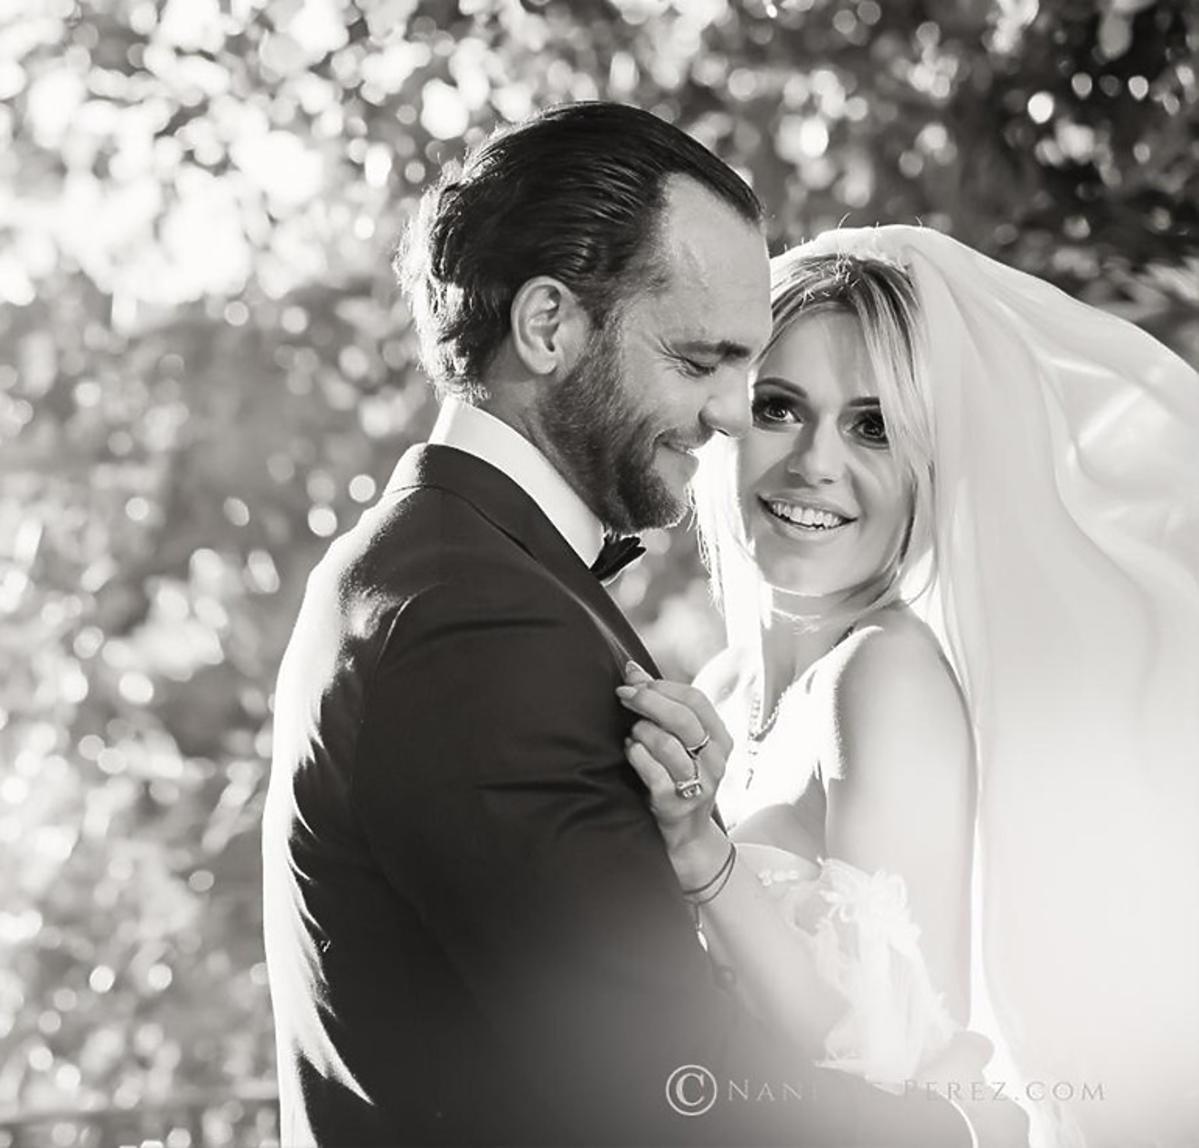 Doda i Emil Stępień obchodzą 2. rocznicę ślubu